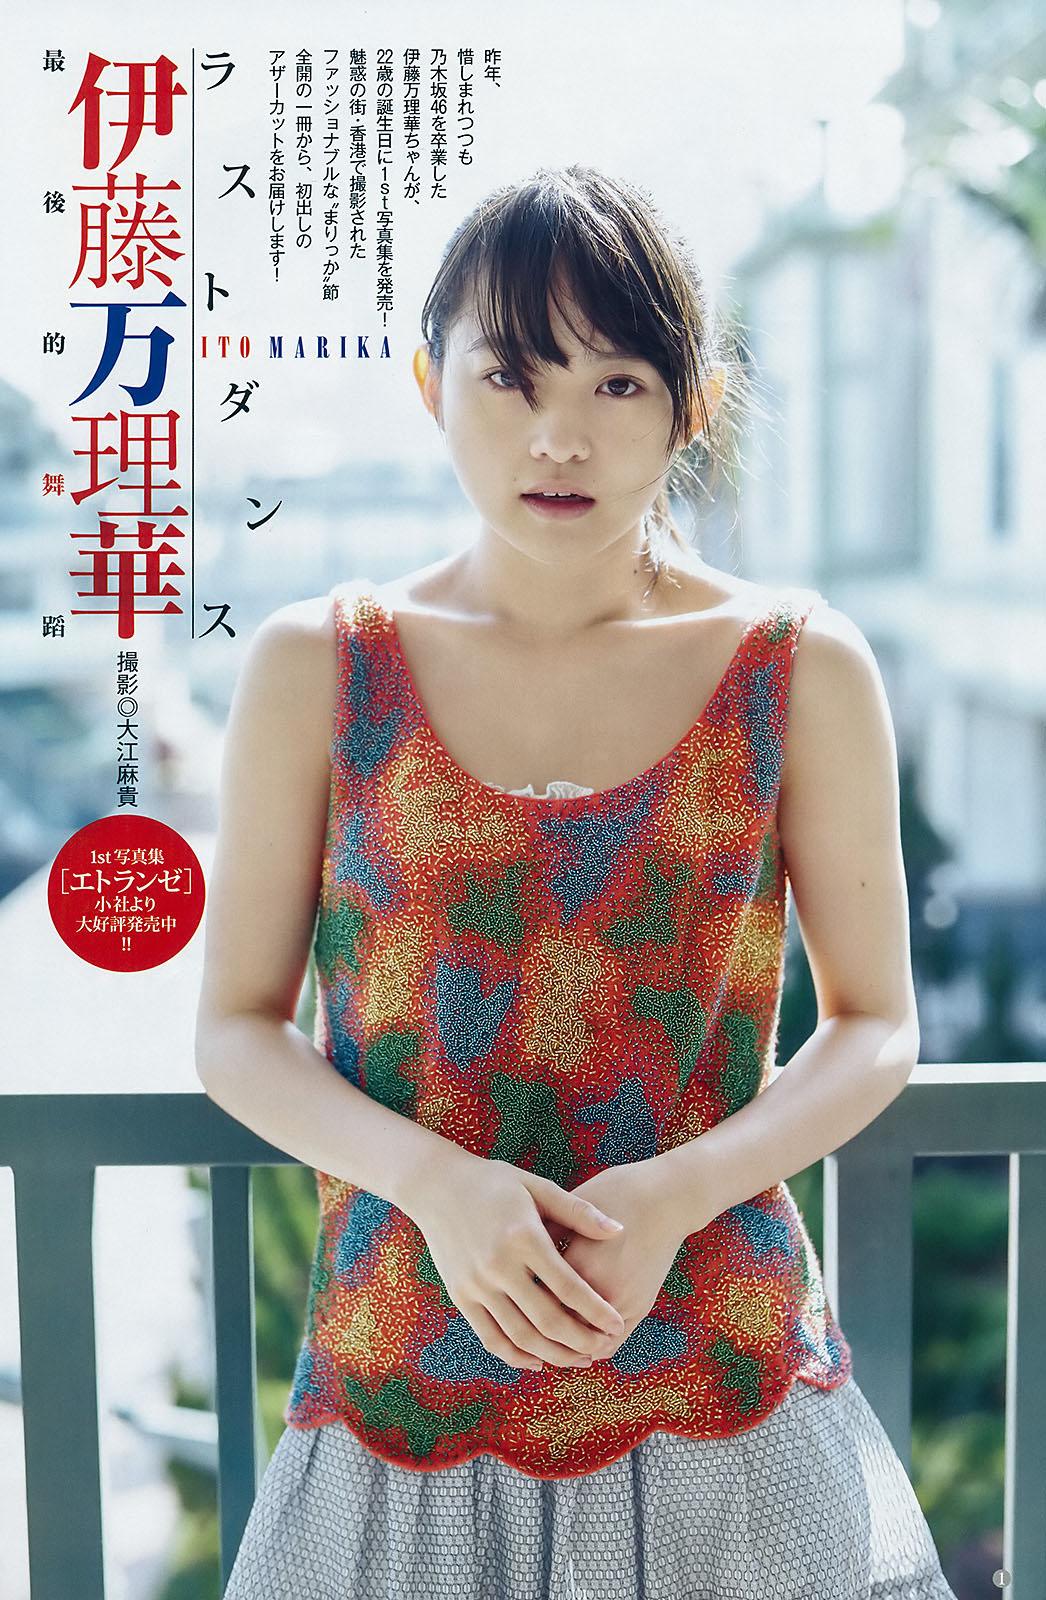 Ito Marika 伊藤万理華, Young Jump 2018 No.12 (週刊ヤングジャンプ 2018年12号)